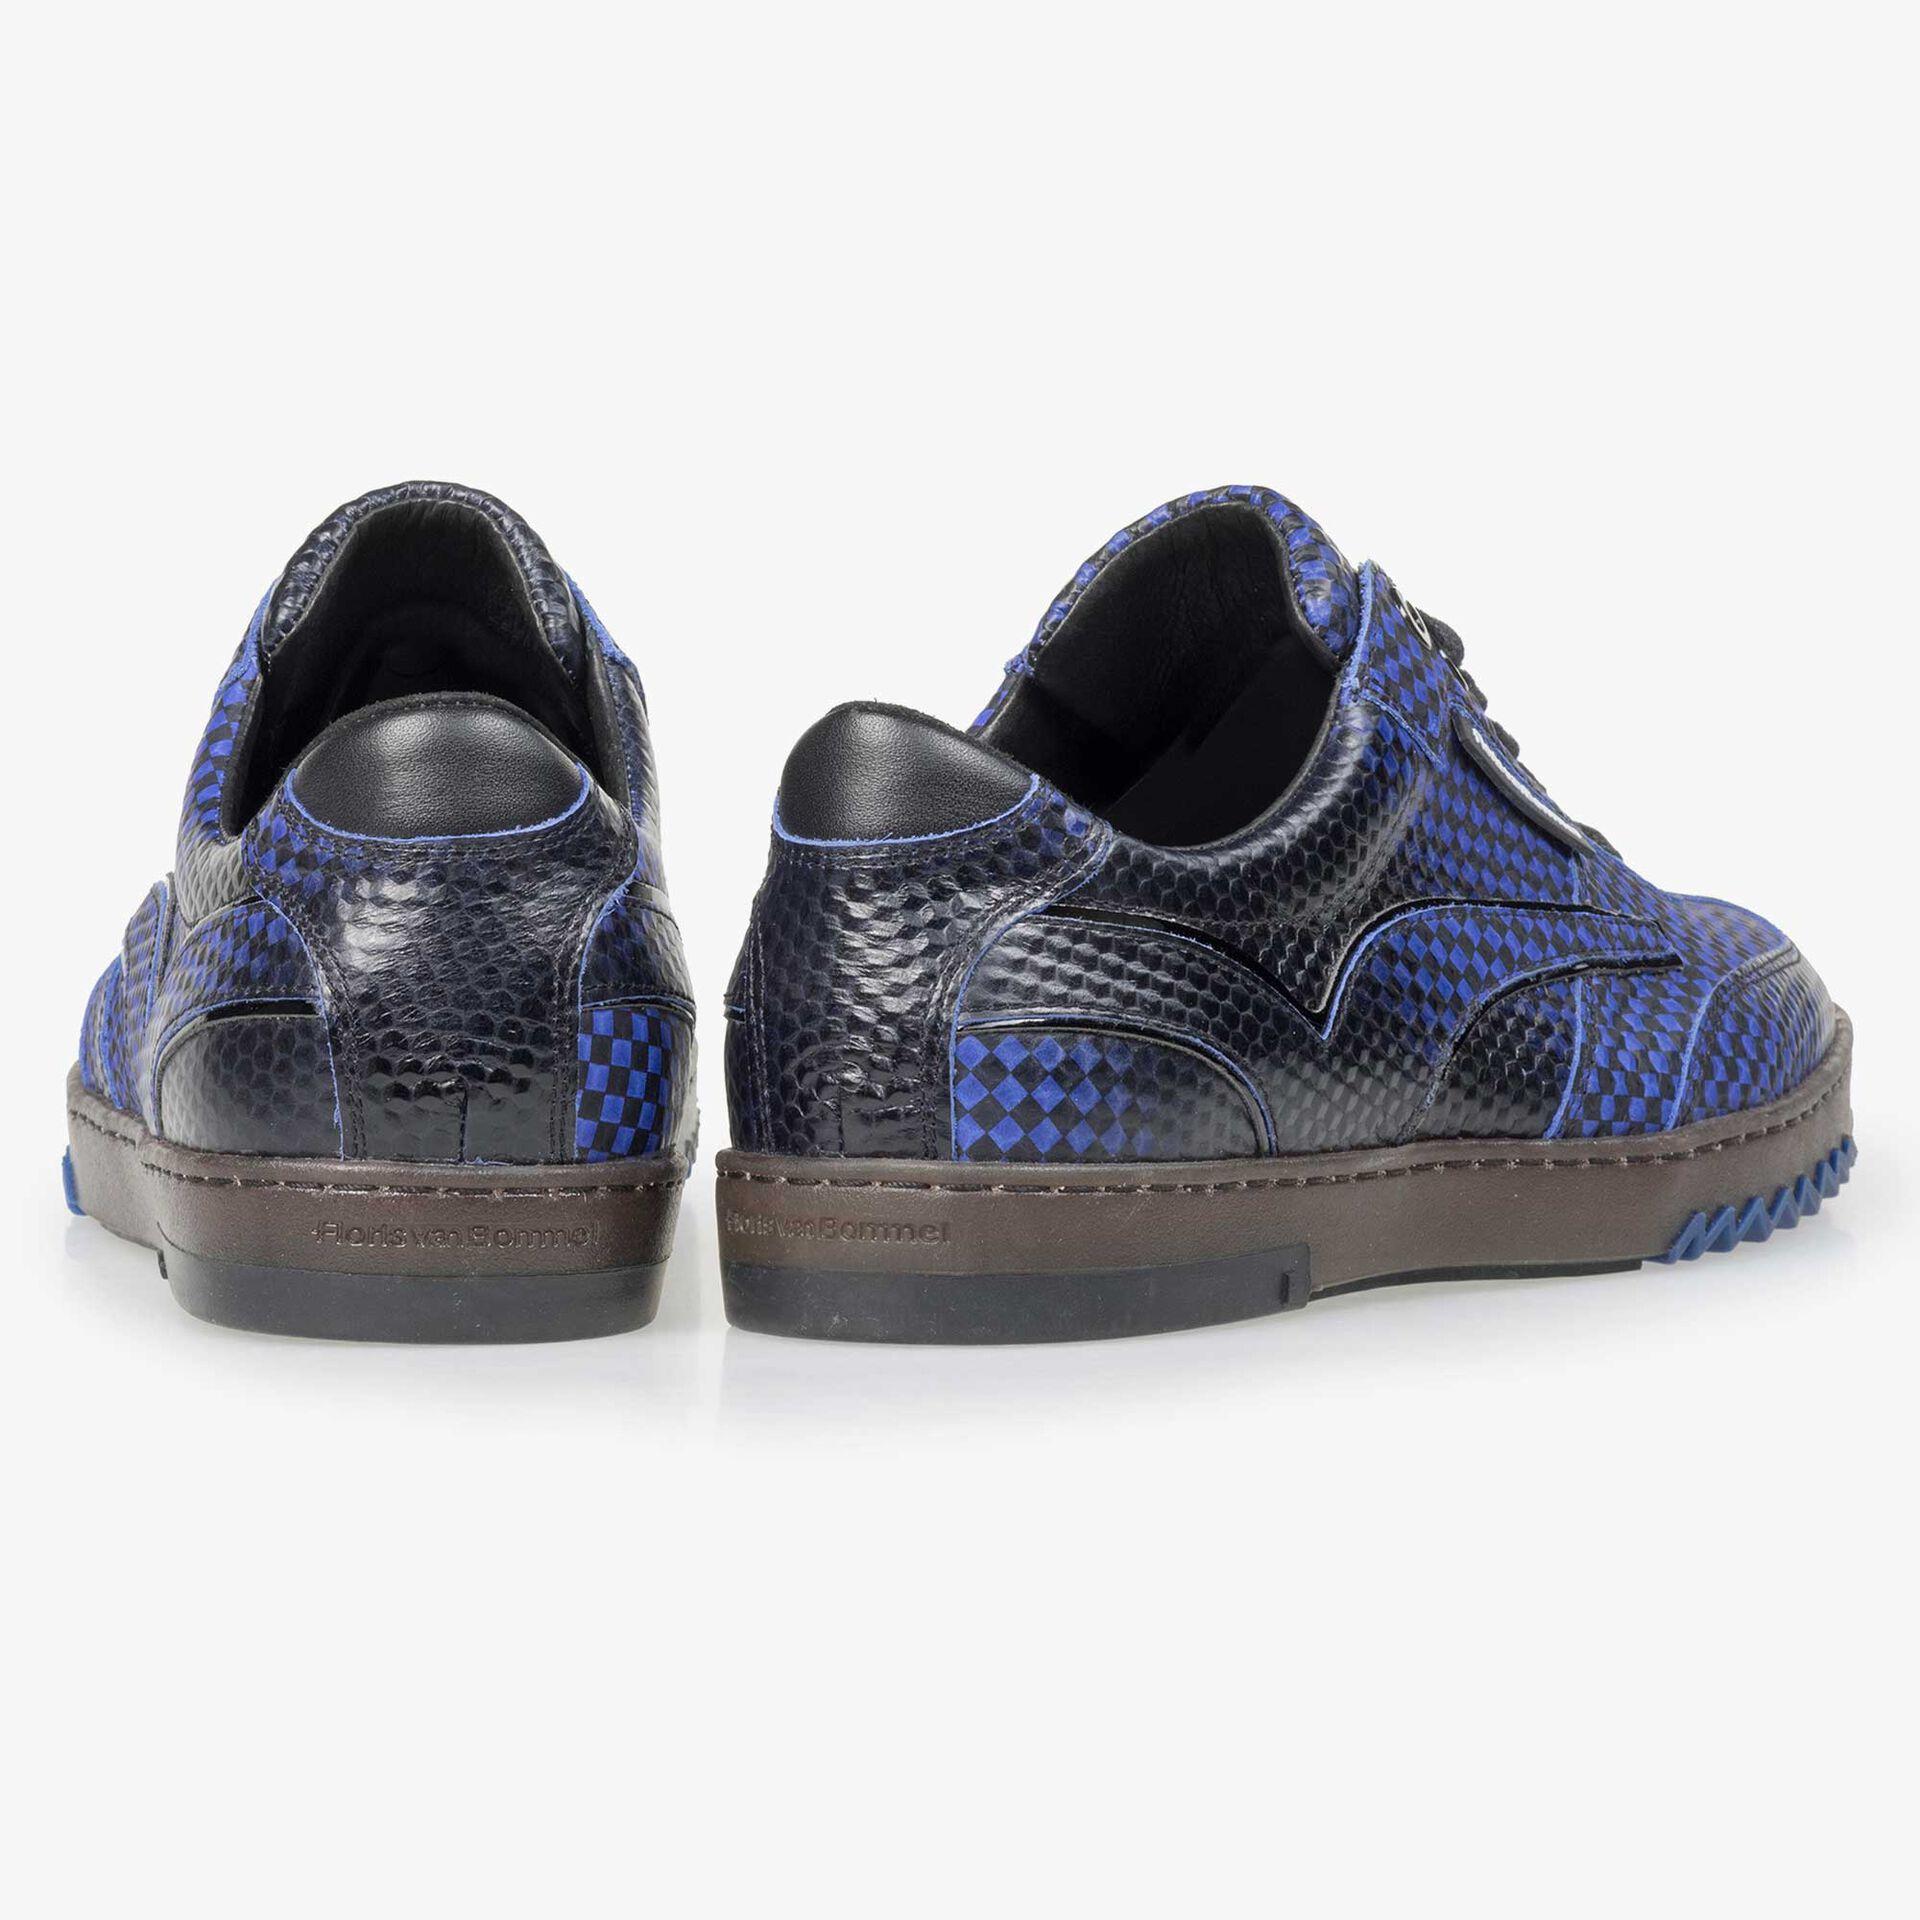 Floris van Bommel knallig blauer Herren Sneaker mit schwarzem Print